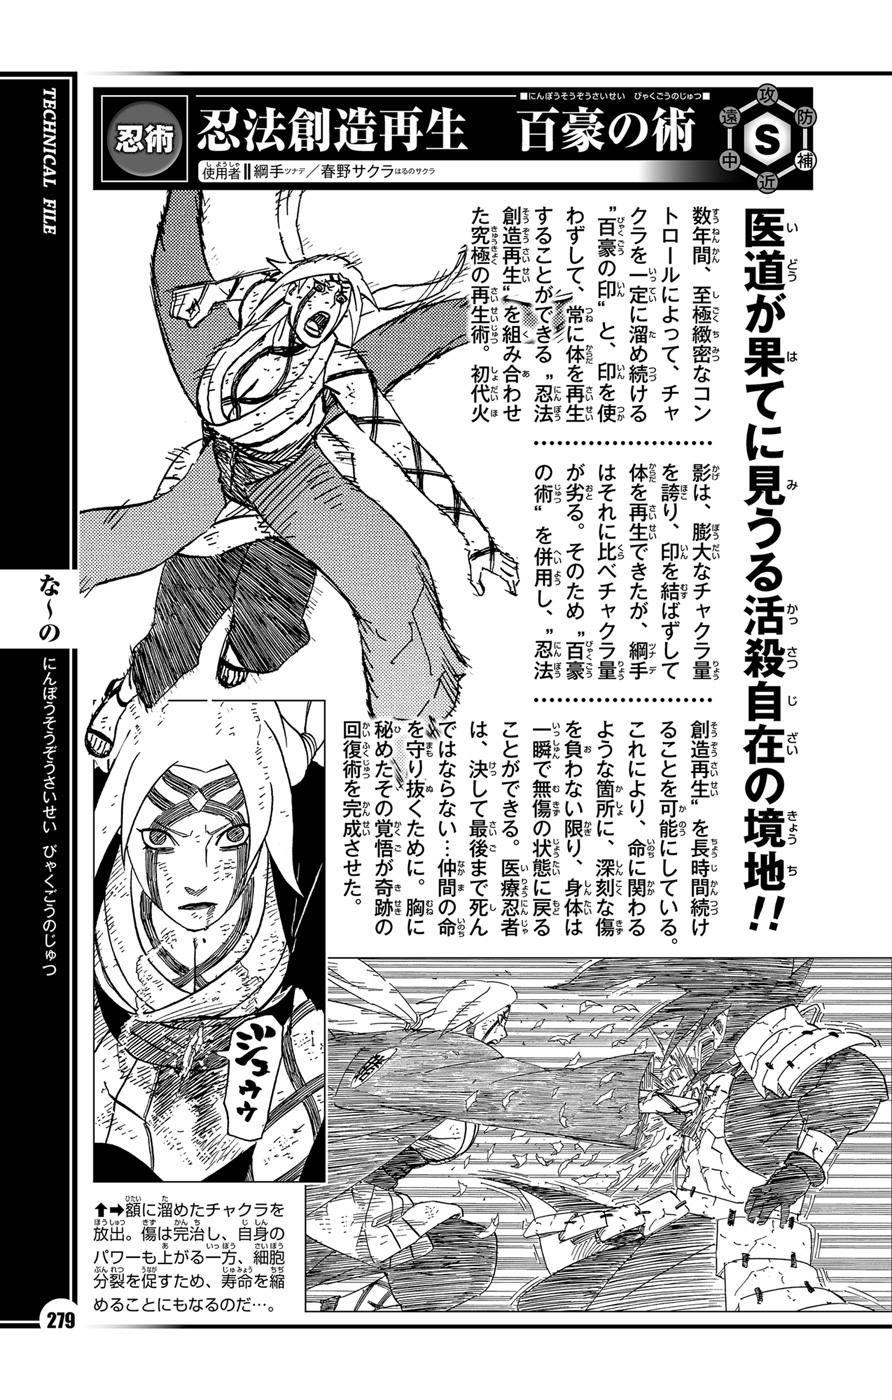 Byakugou regenera pernas e braços amputados? - Página 3 97j4wt10